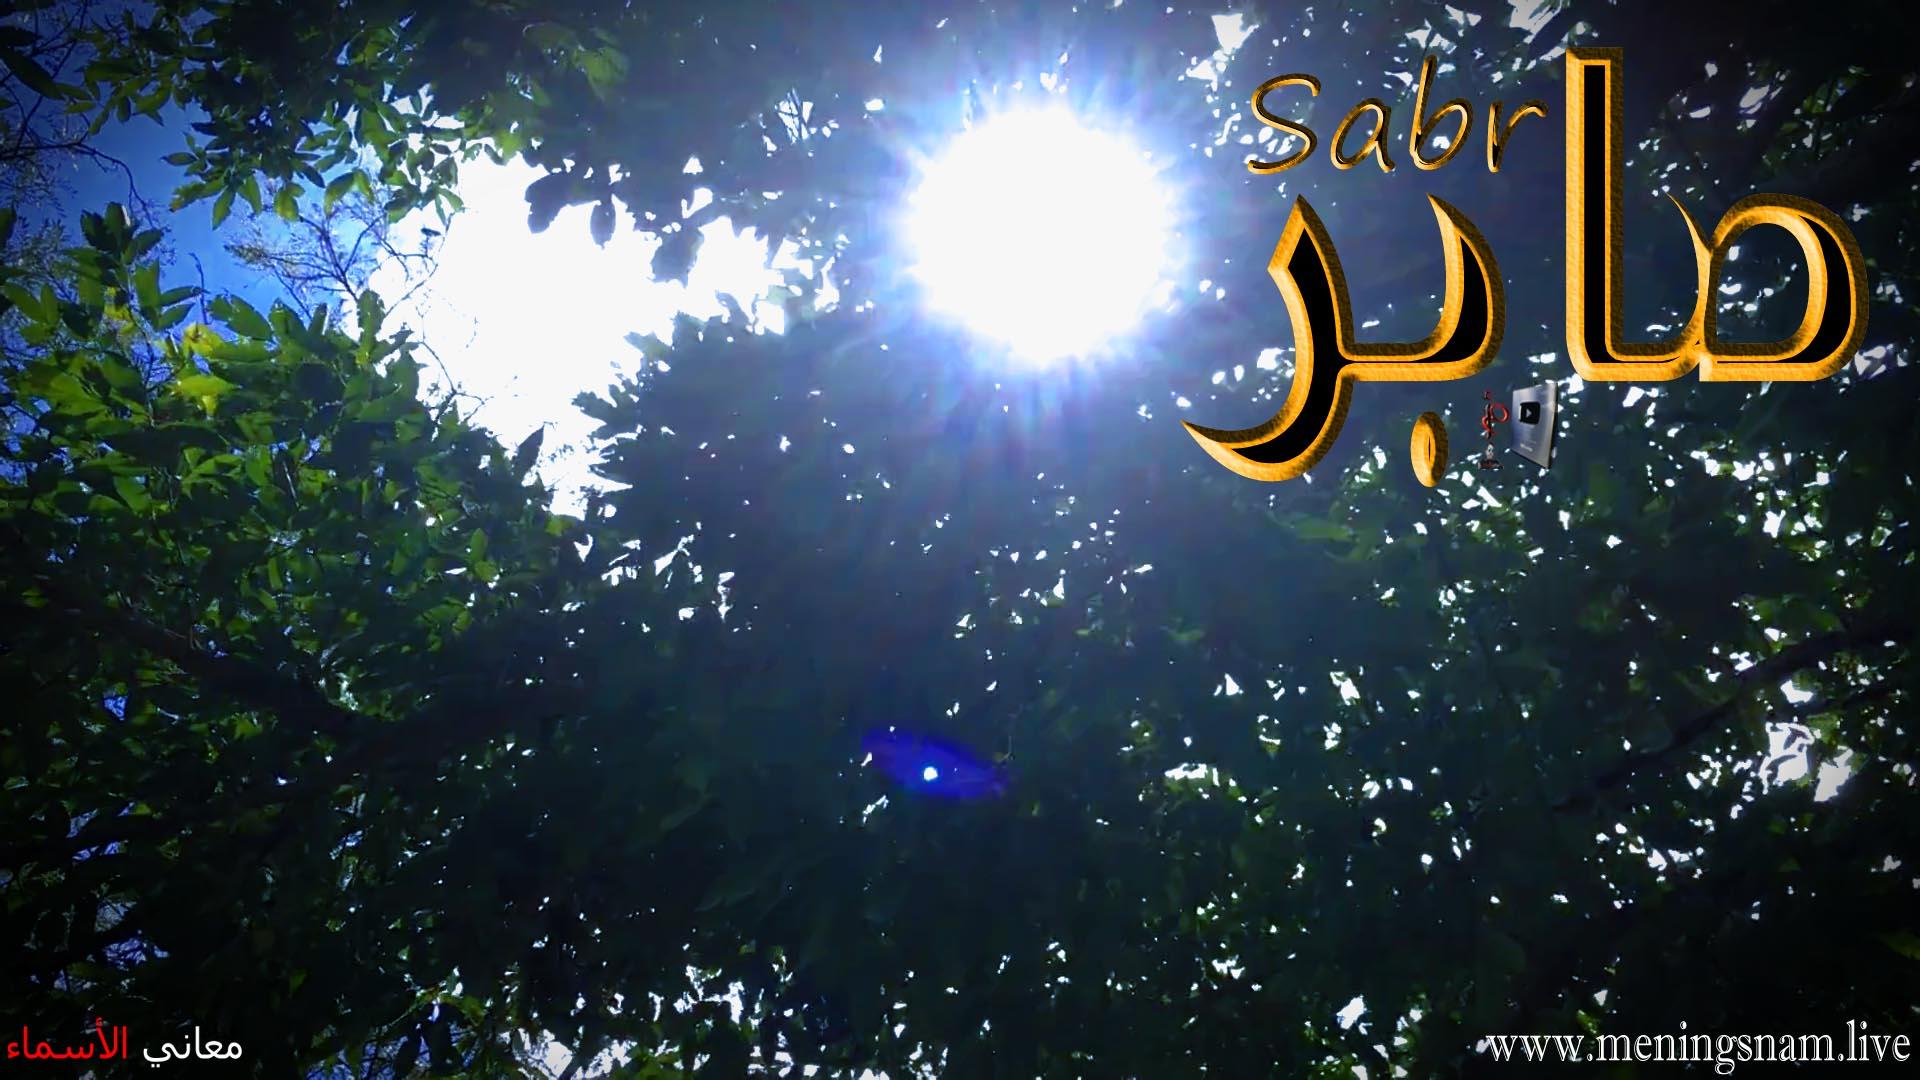 معنى اسم صابر وصفات حامل هذا الاسم Sabr